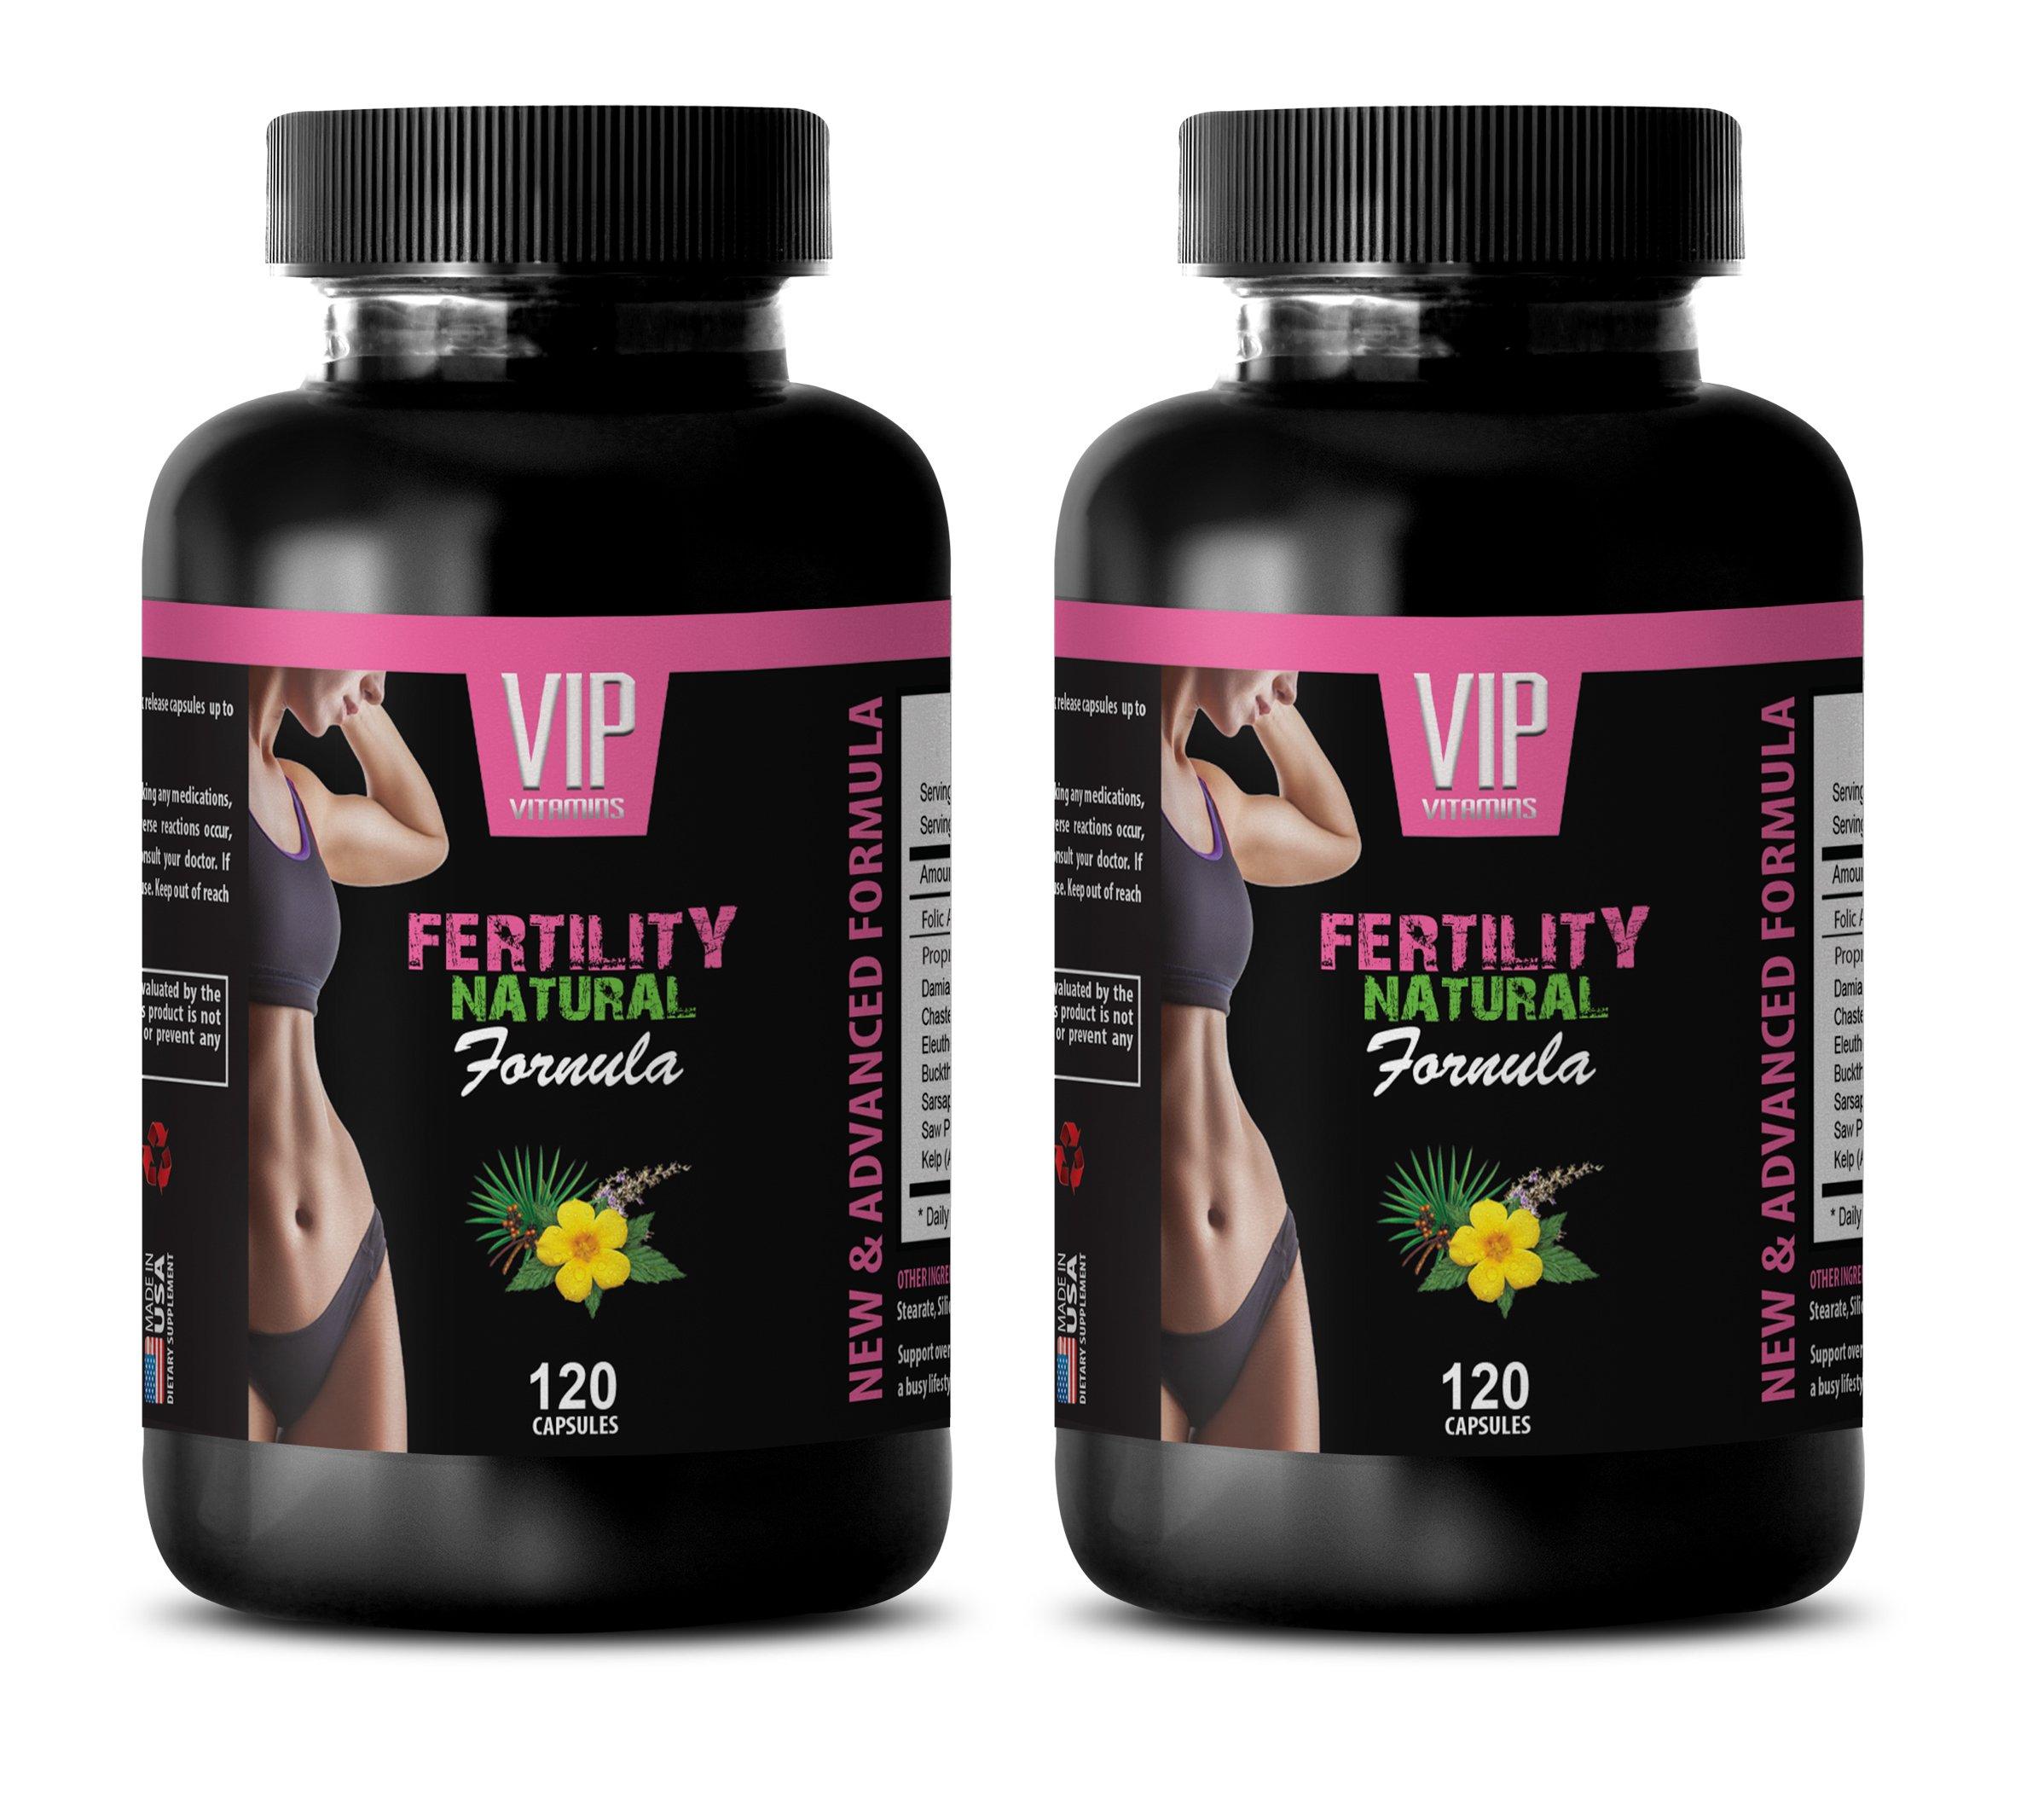 fertility supplements for older women - FERTILITY NATURAL FORMULA - FOR WOMEN'S ONLY - folic acid vitamins for women - 2 Bottles 240 Capsules